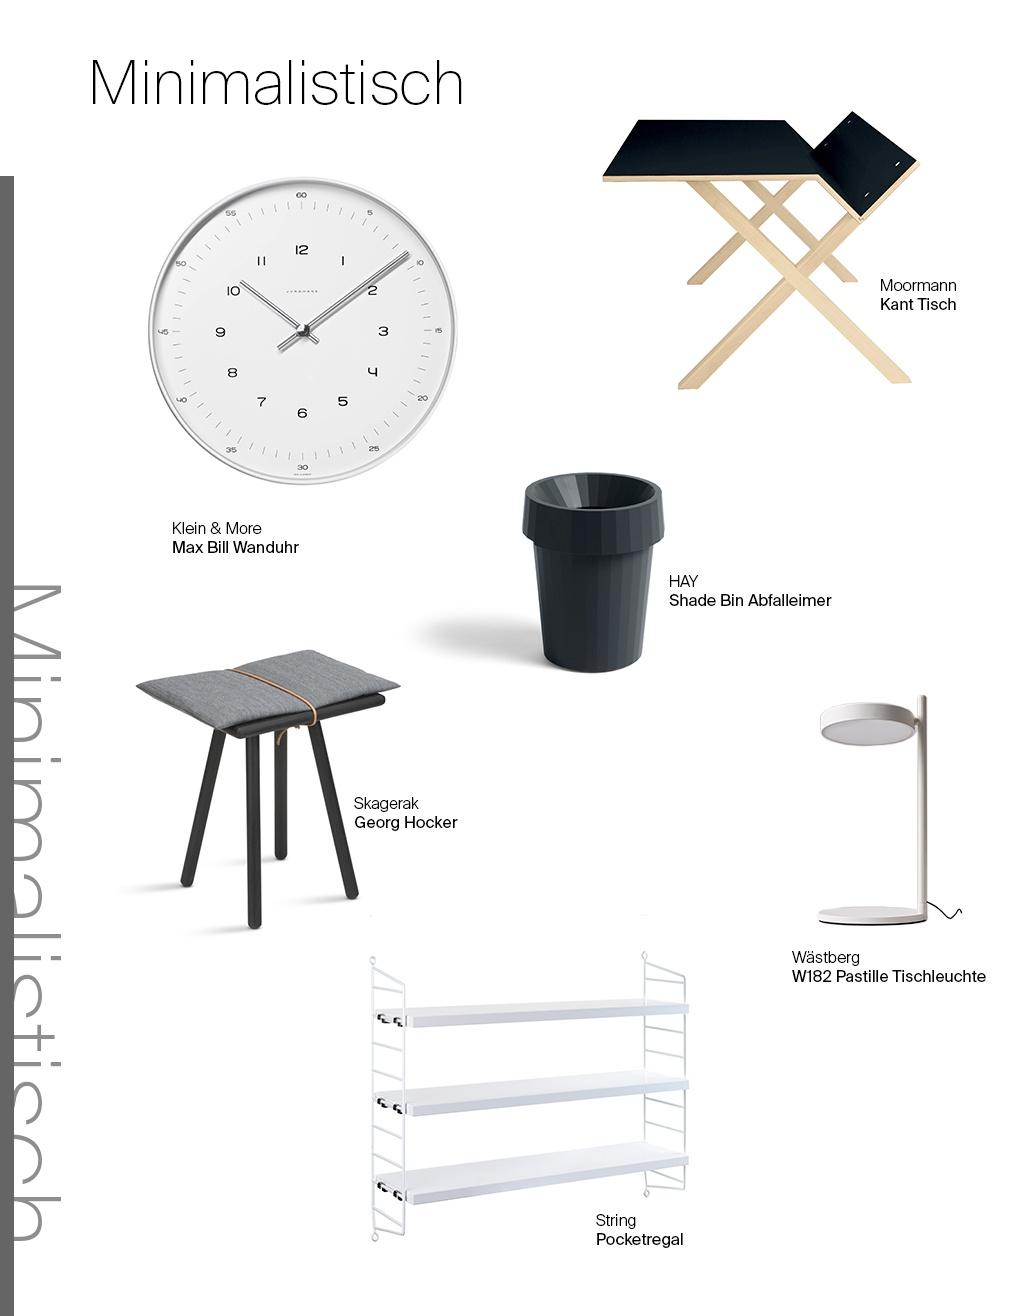 Ein Möbel, drei Looks: Moormann Kant Schreibtisch minimalistisch interpretiert